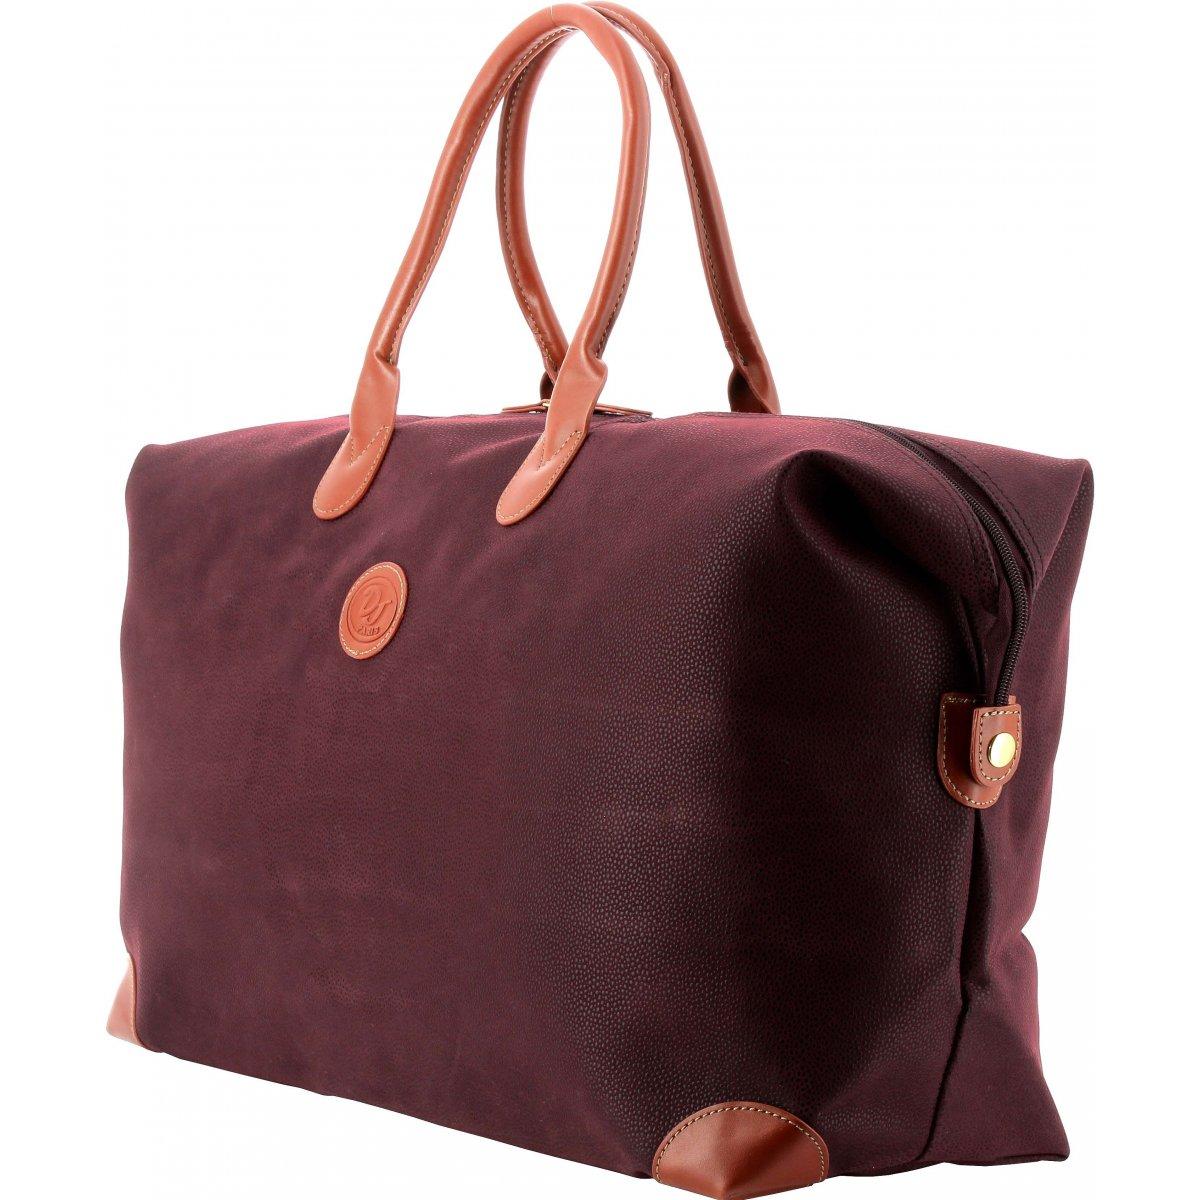 sac de voyage 48h david jones dj88884a couleur violet promotion bleucerise